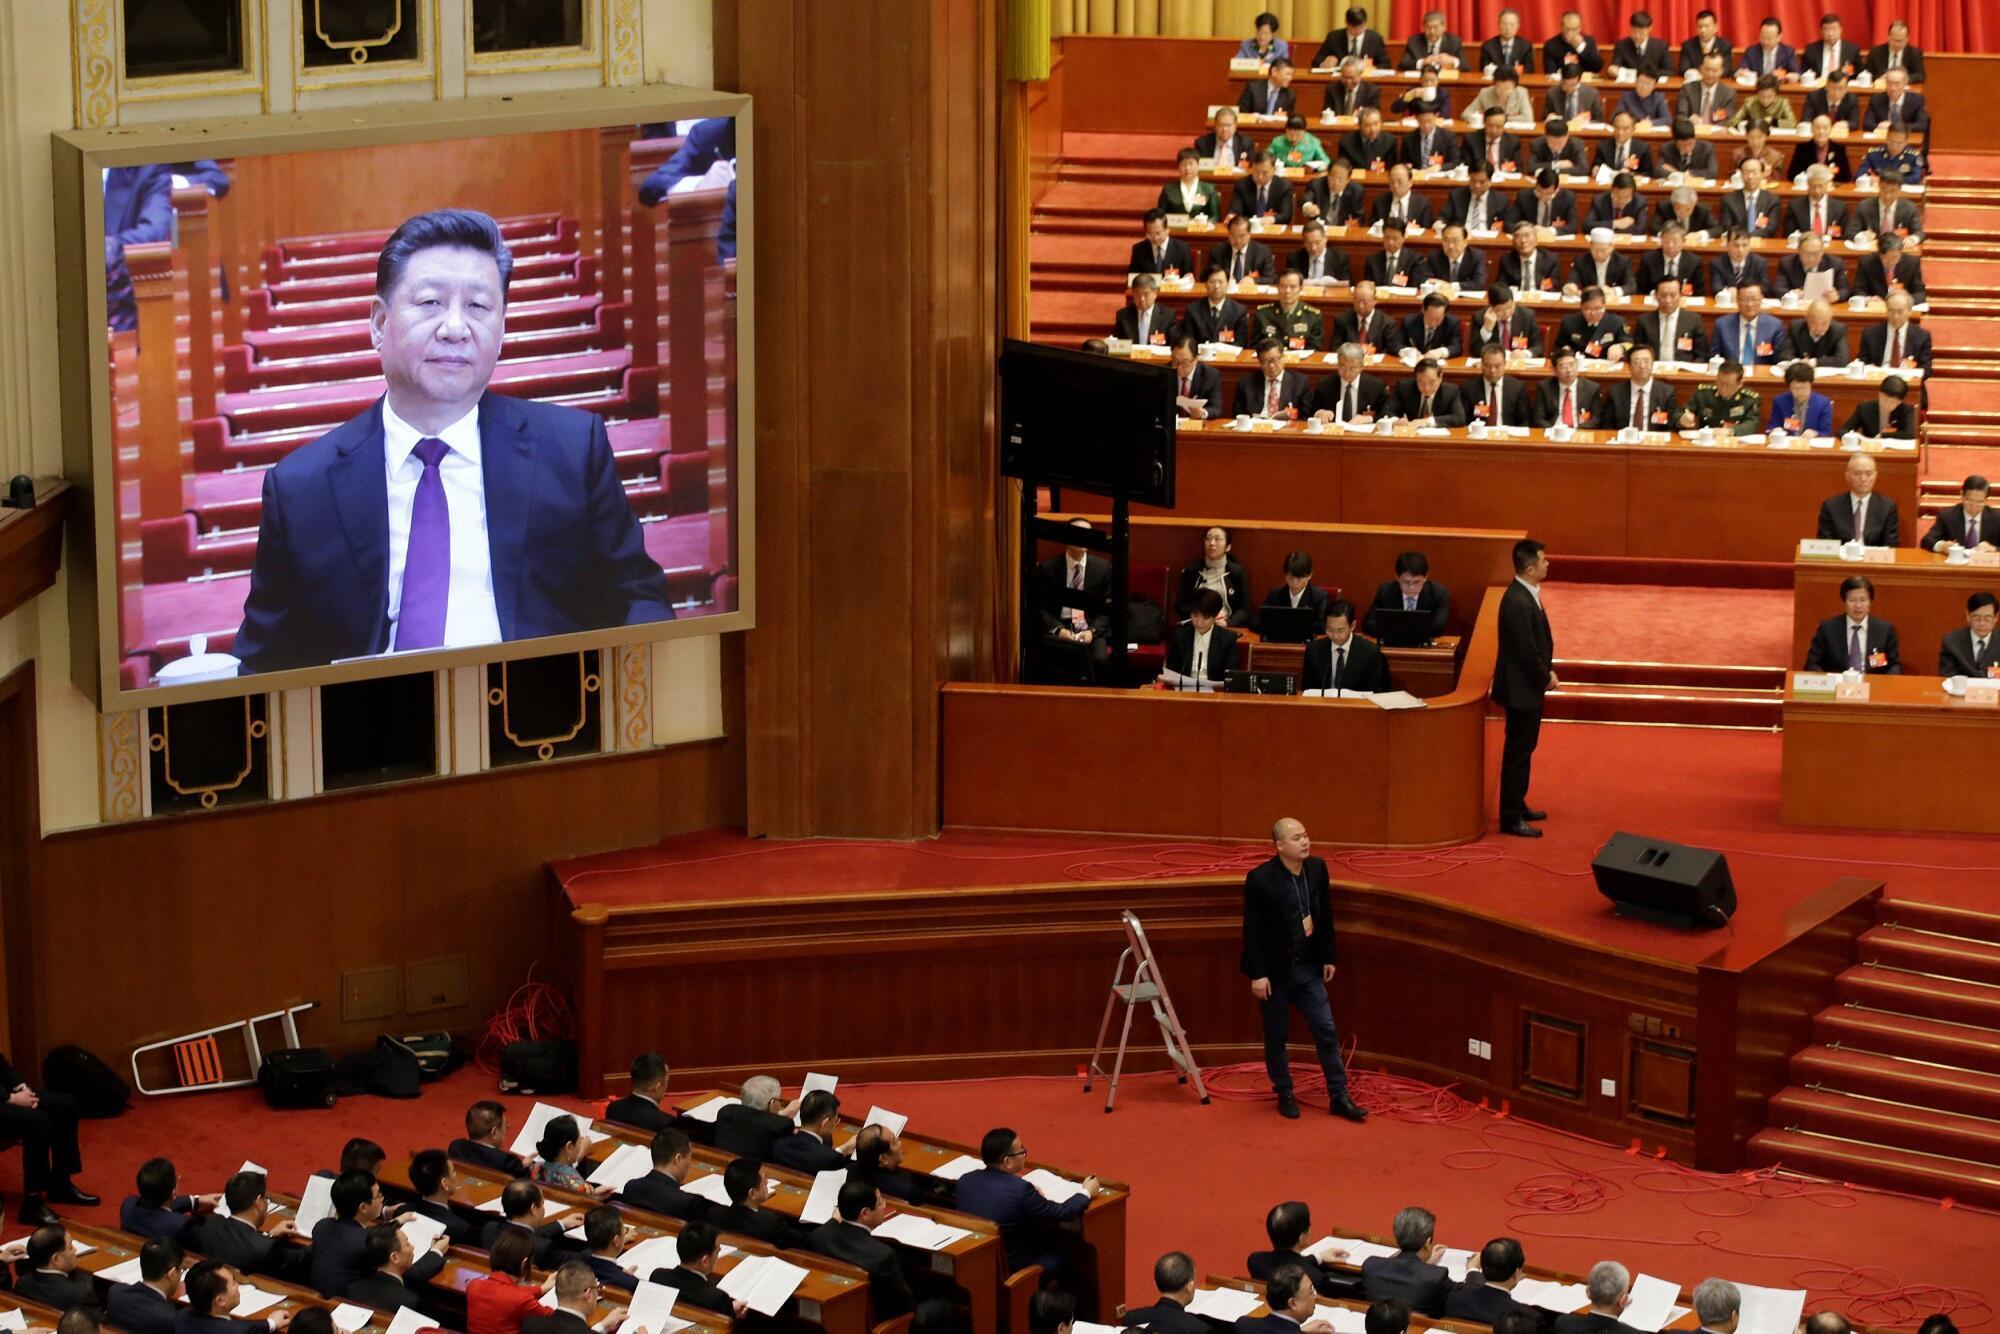 Chủ tịch Trung Quốc Tập Cận Bình phát biểu tại Hội nghị hiệp thương chính trị nhân dân Trung Quốc, Bắc Kinh, ngày 03/03/2019